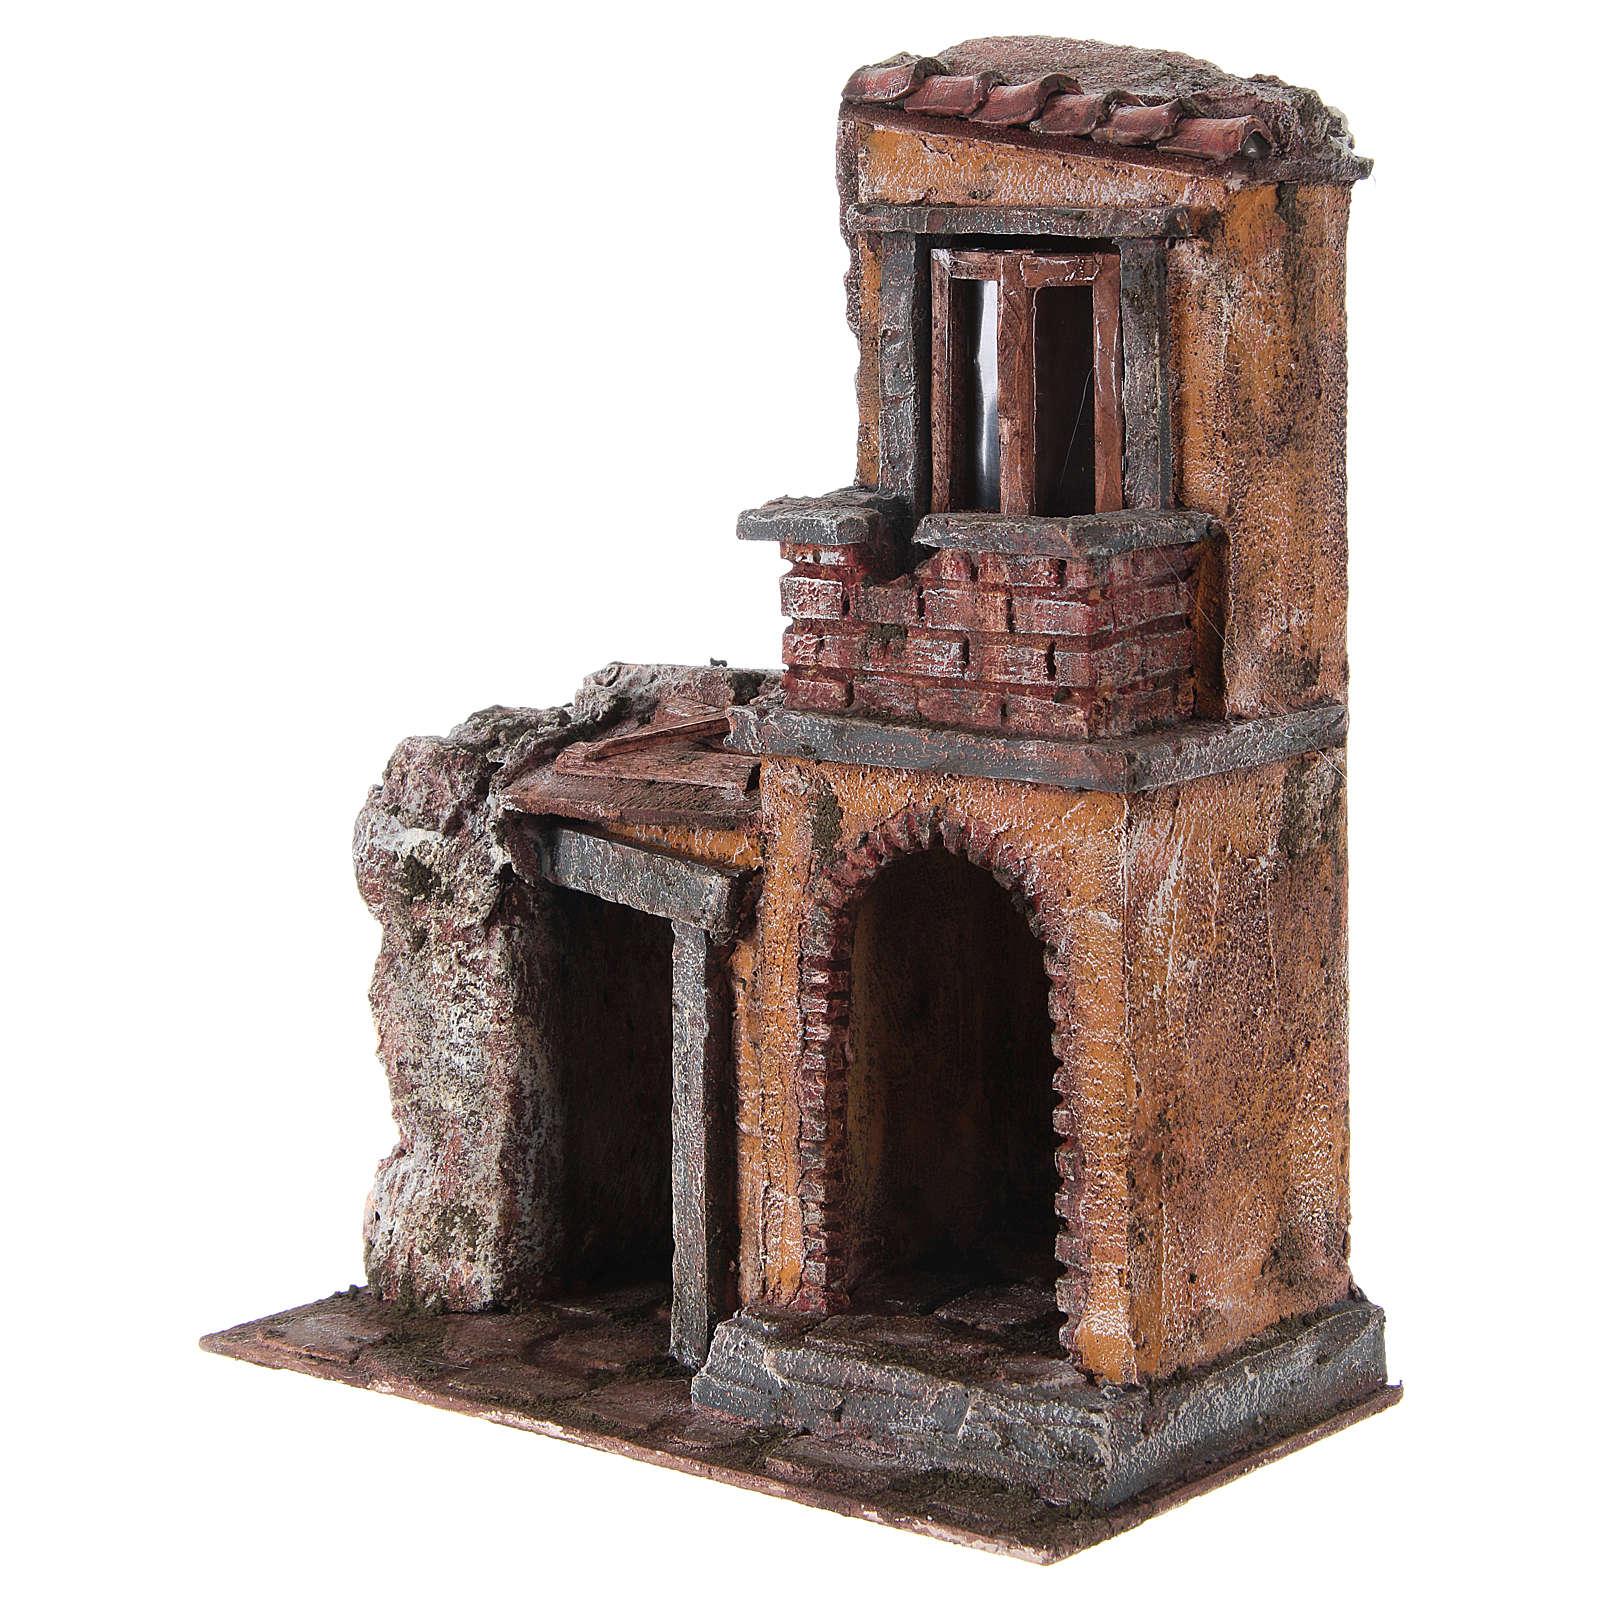 Casa con cabaña rústica belén 30x25x15 cm 4